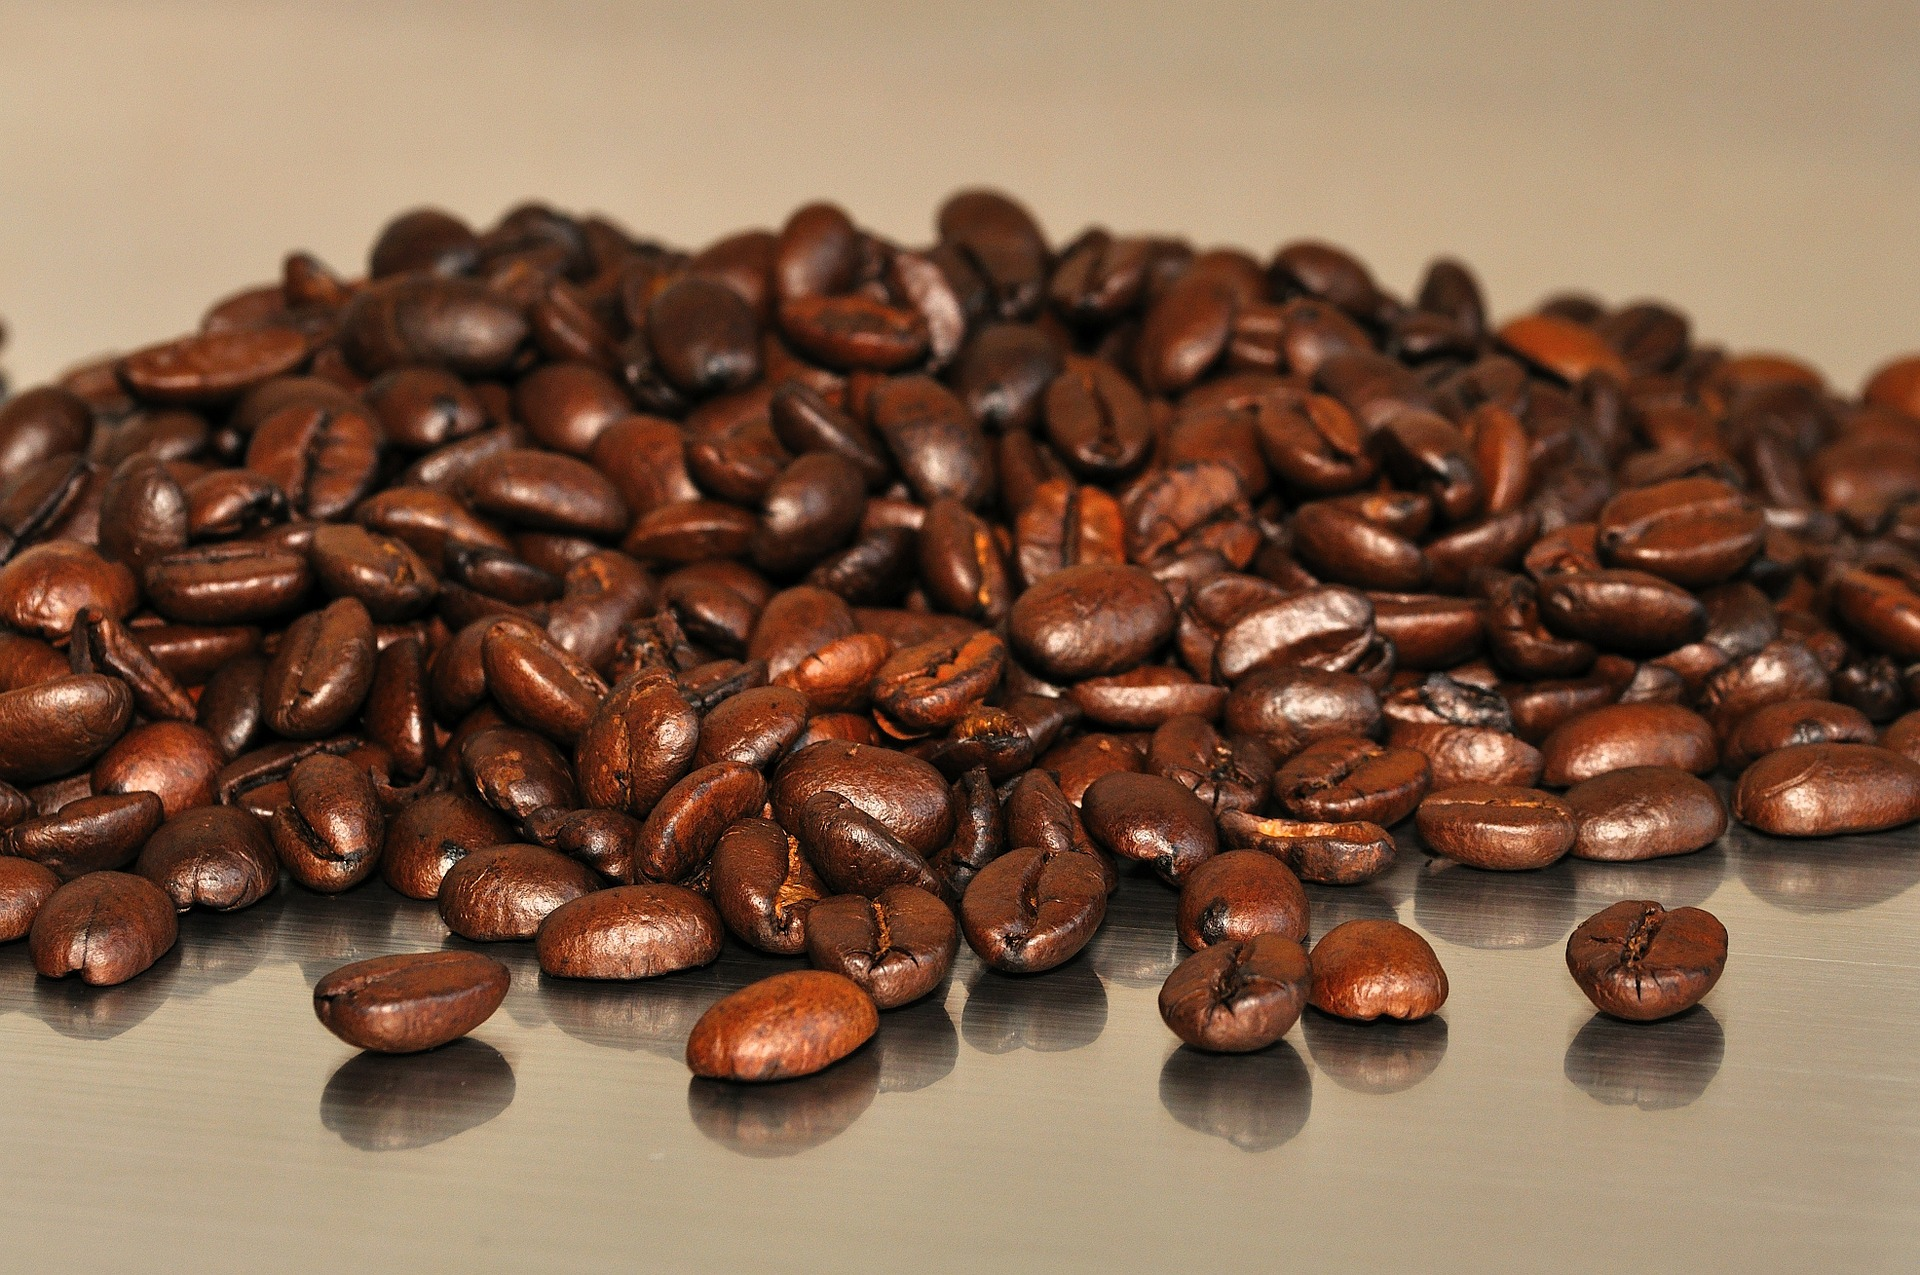 ブラジルコーヒーの特徴とブラジルにおける生産体制